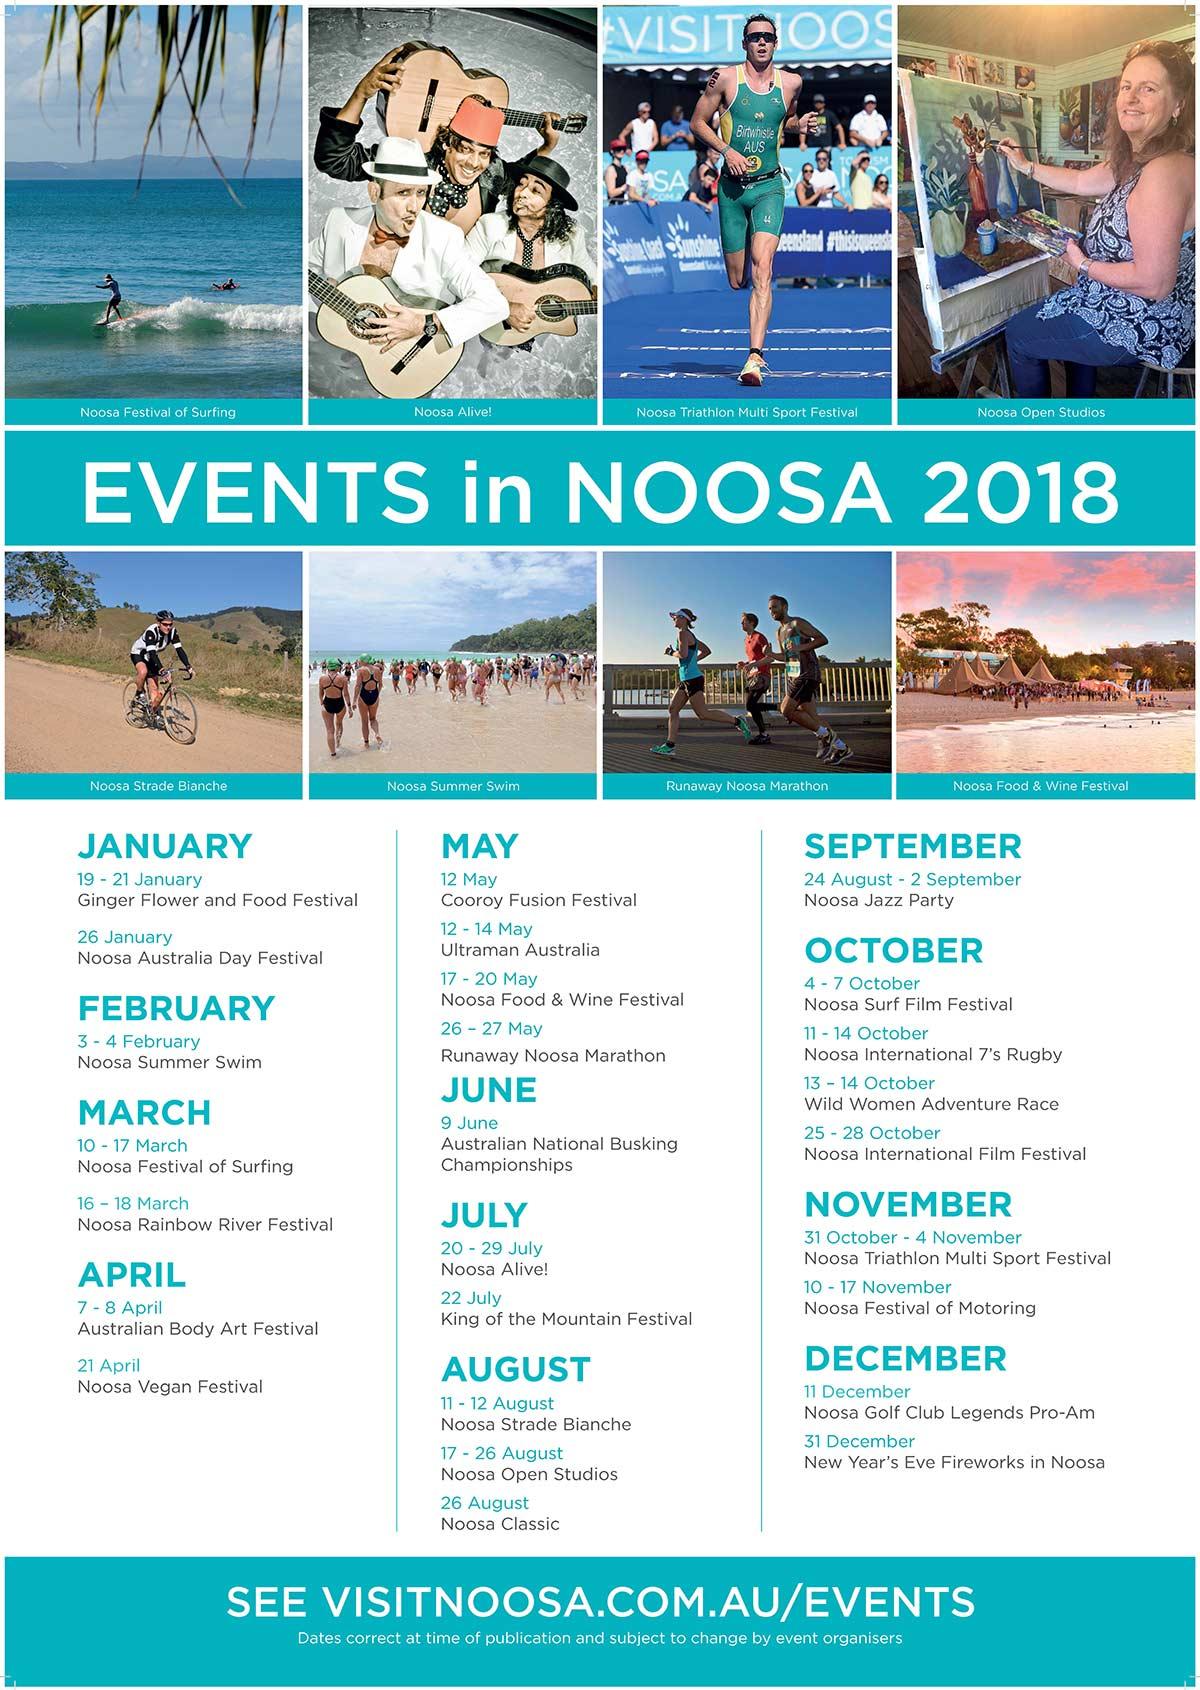 Events Coco Bay Resort Noosa